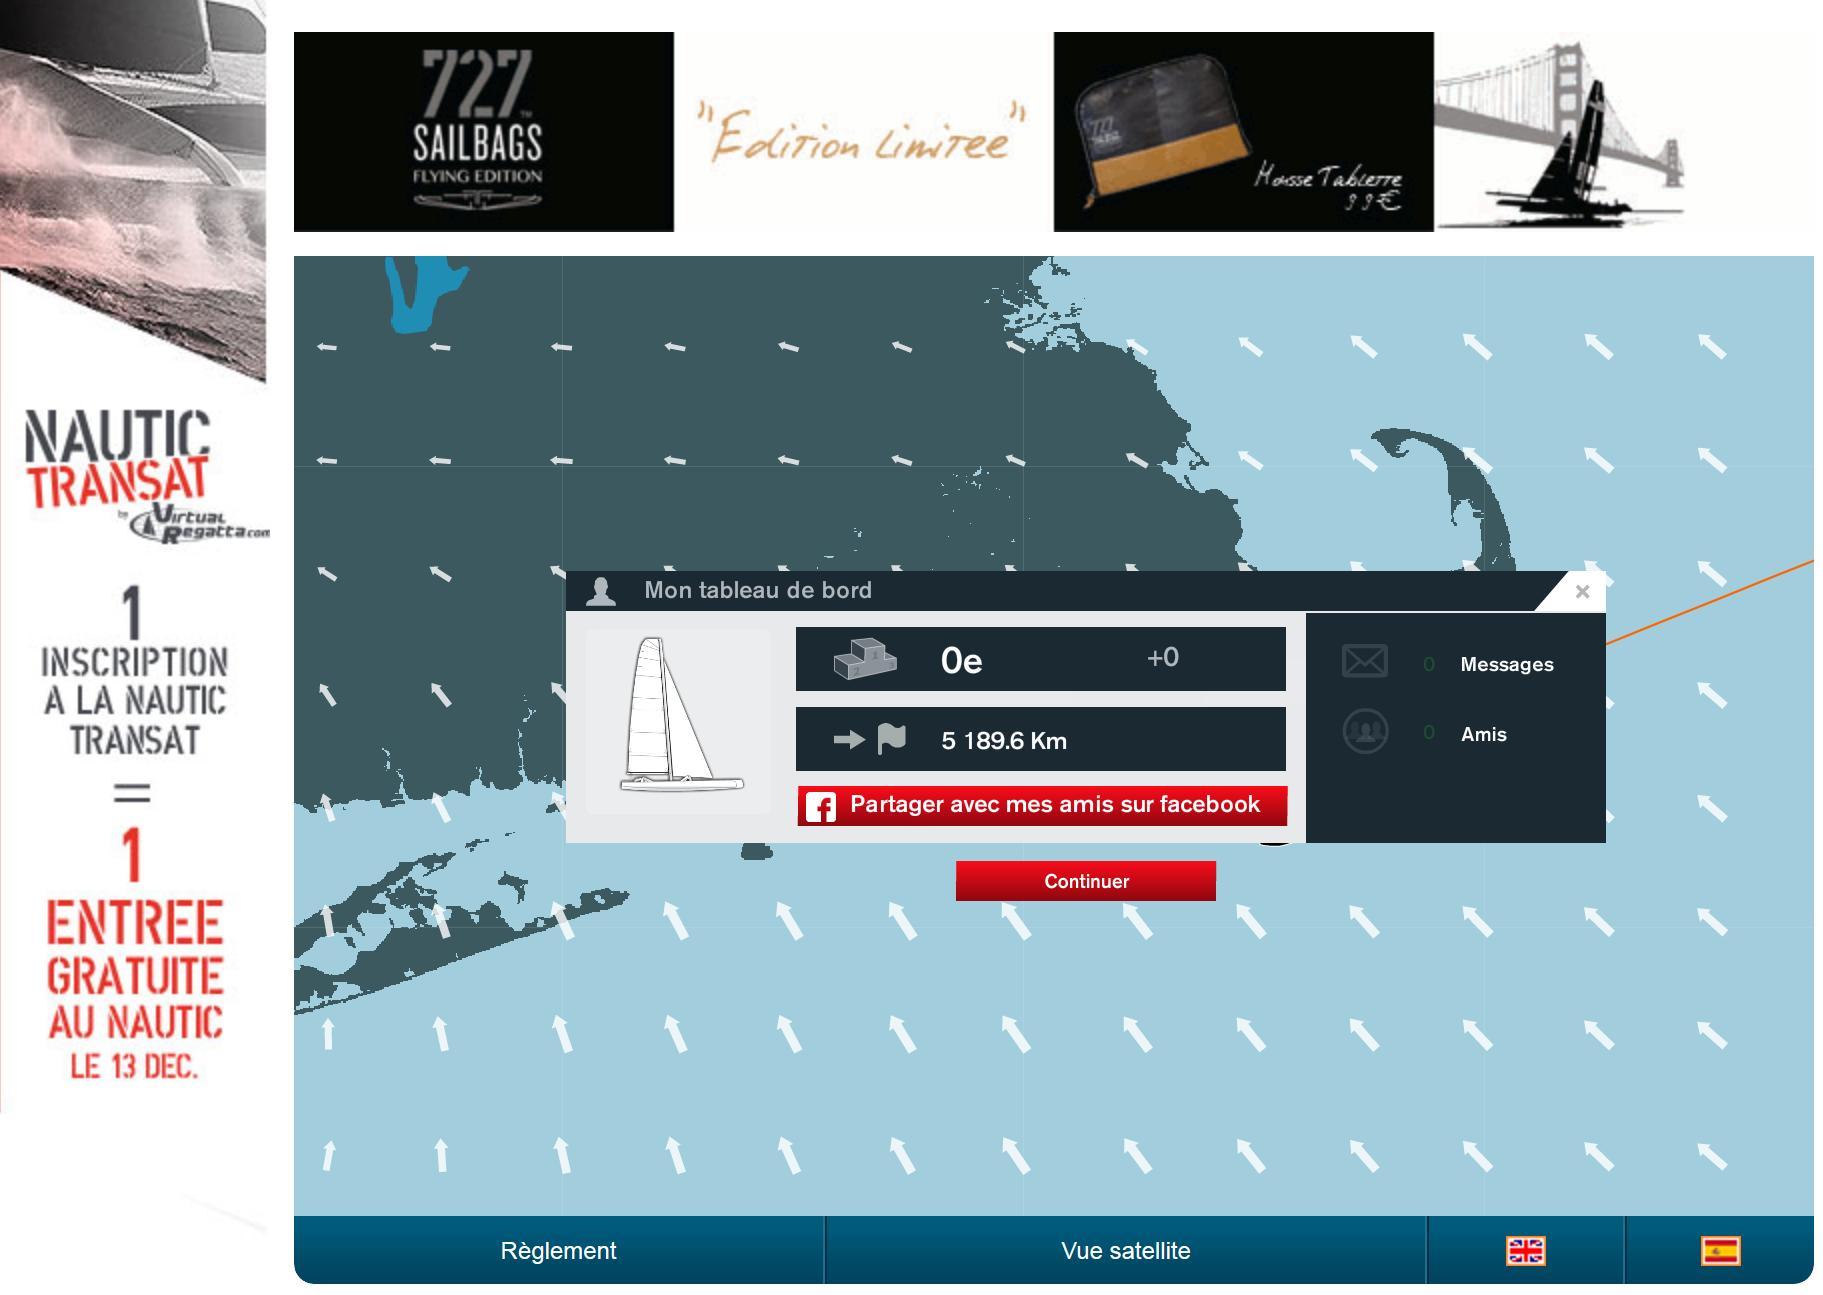 http://proj.free.fr/nautic/nautic.png